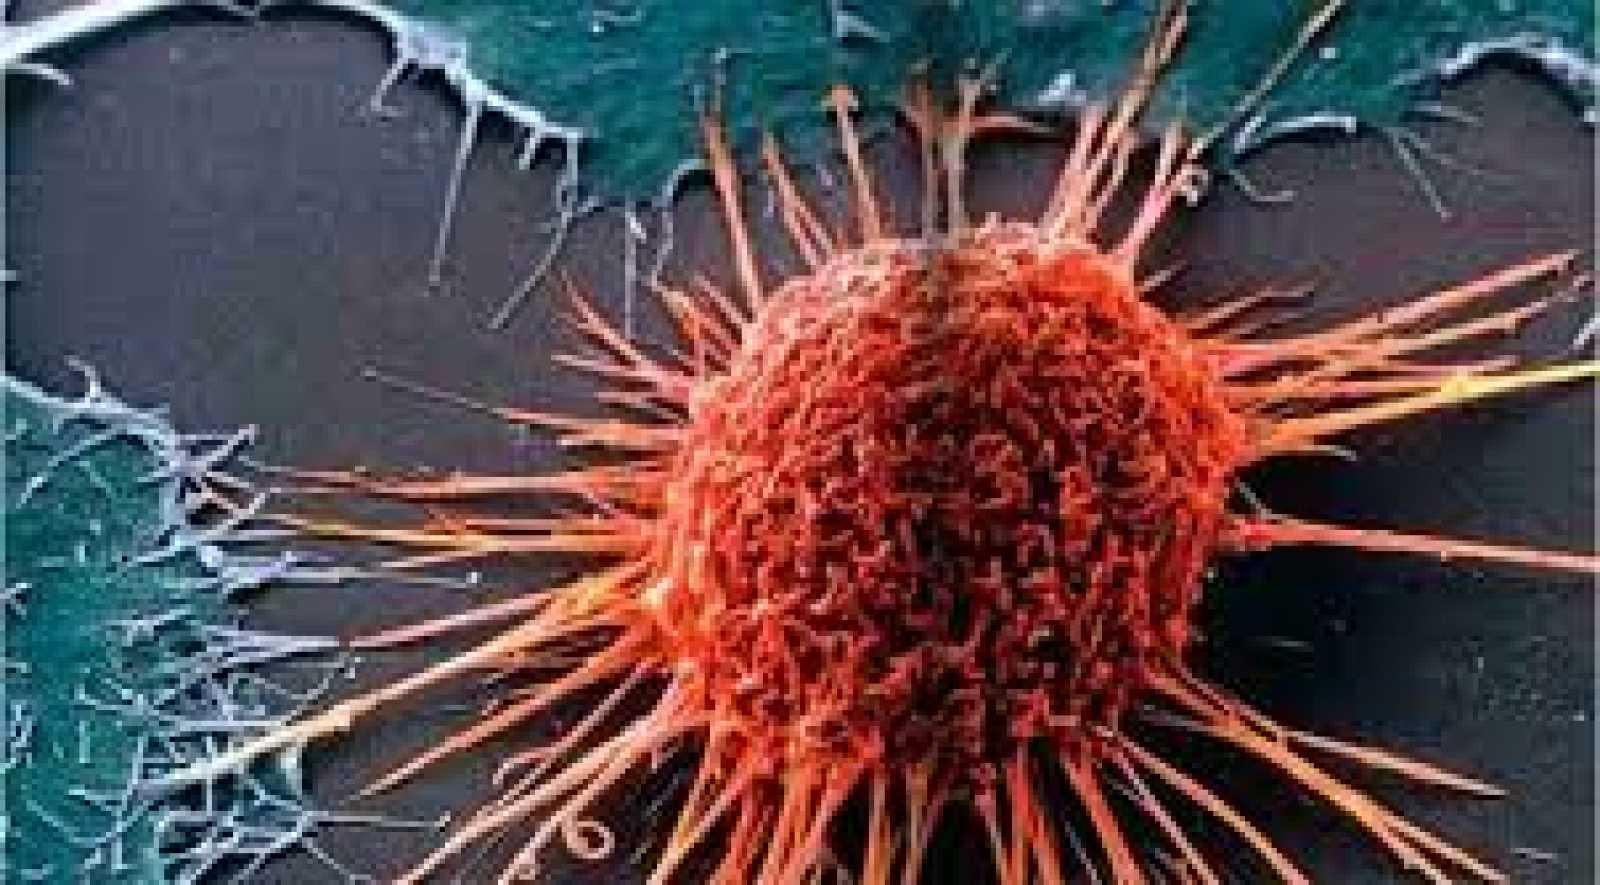 Entrevista investigación cáncer - 27/10/20 - Escuchar ahora